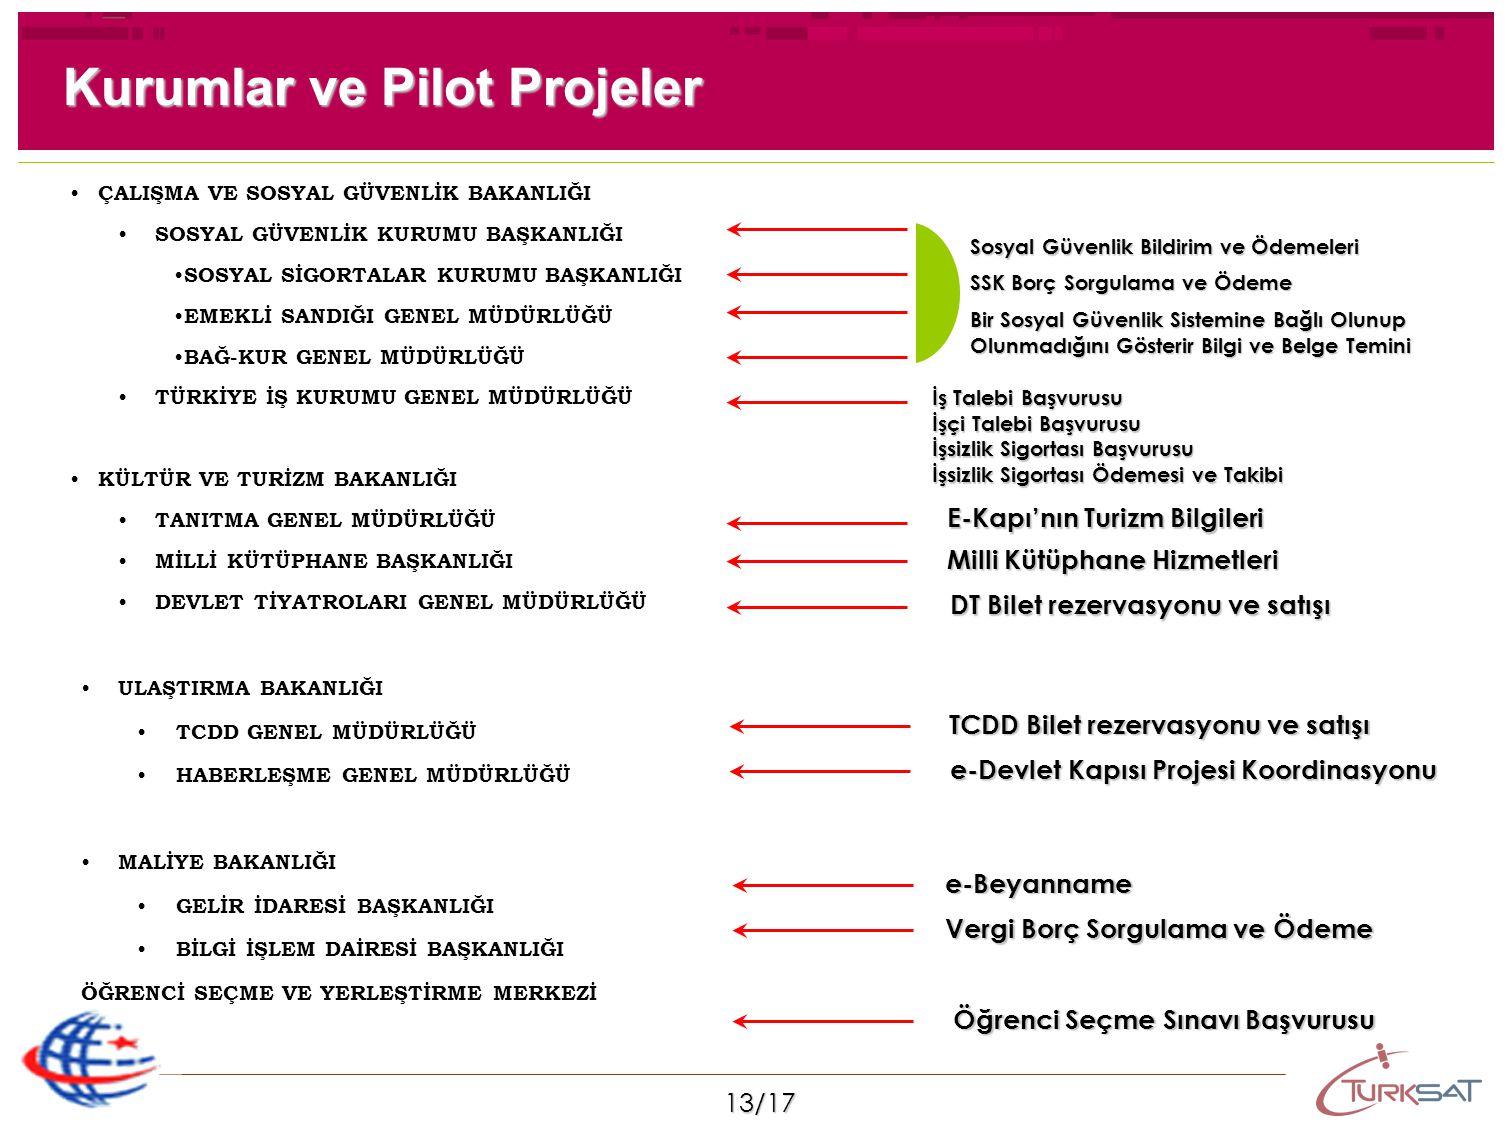 Kurumlar ve Pilot Projeler